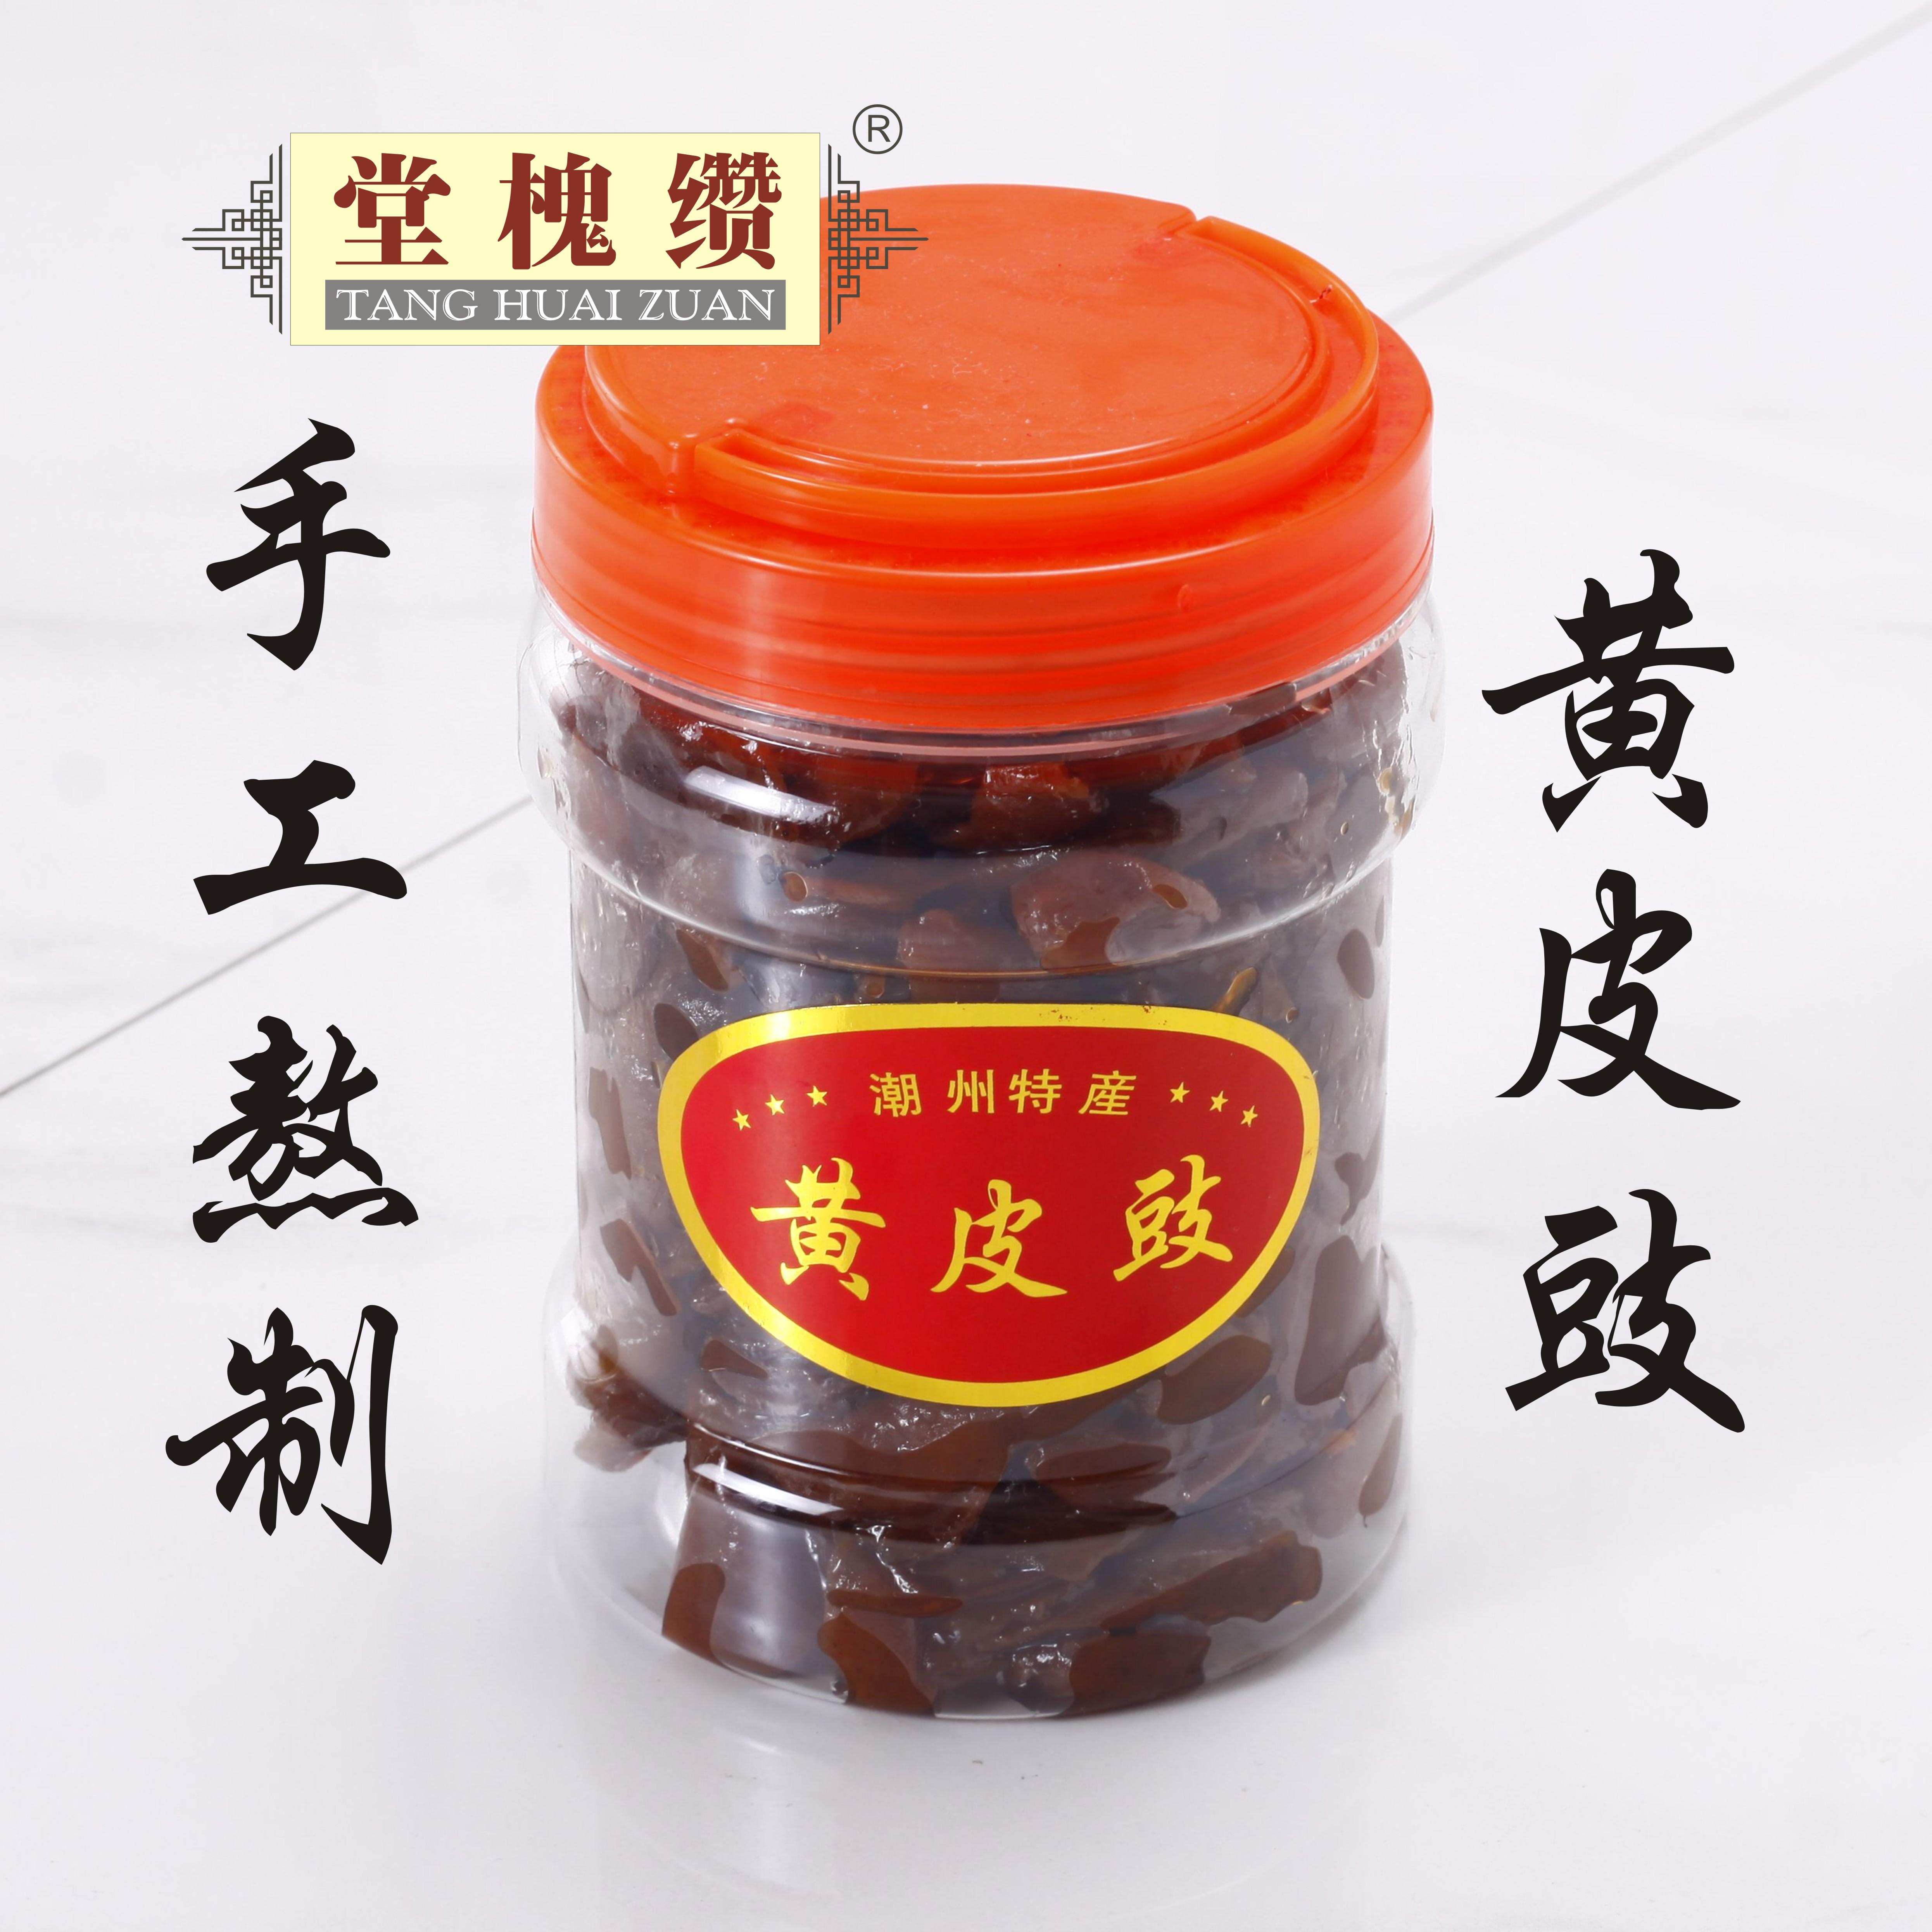 潮州三宝潮州特产蜜制蜂蜜散装果干